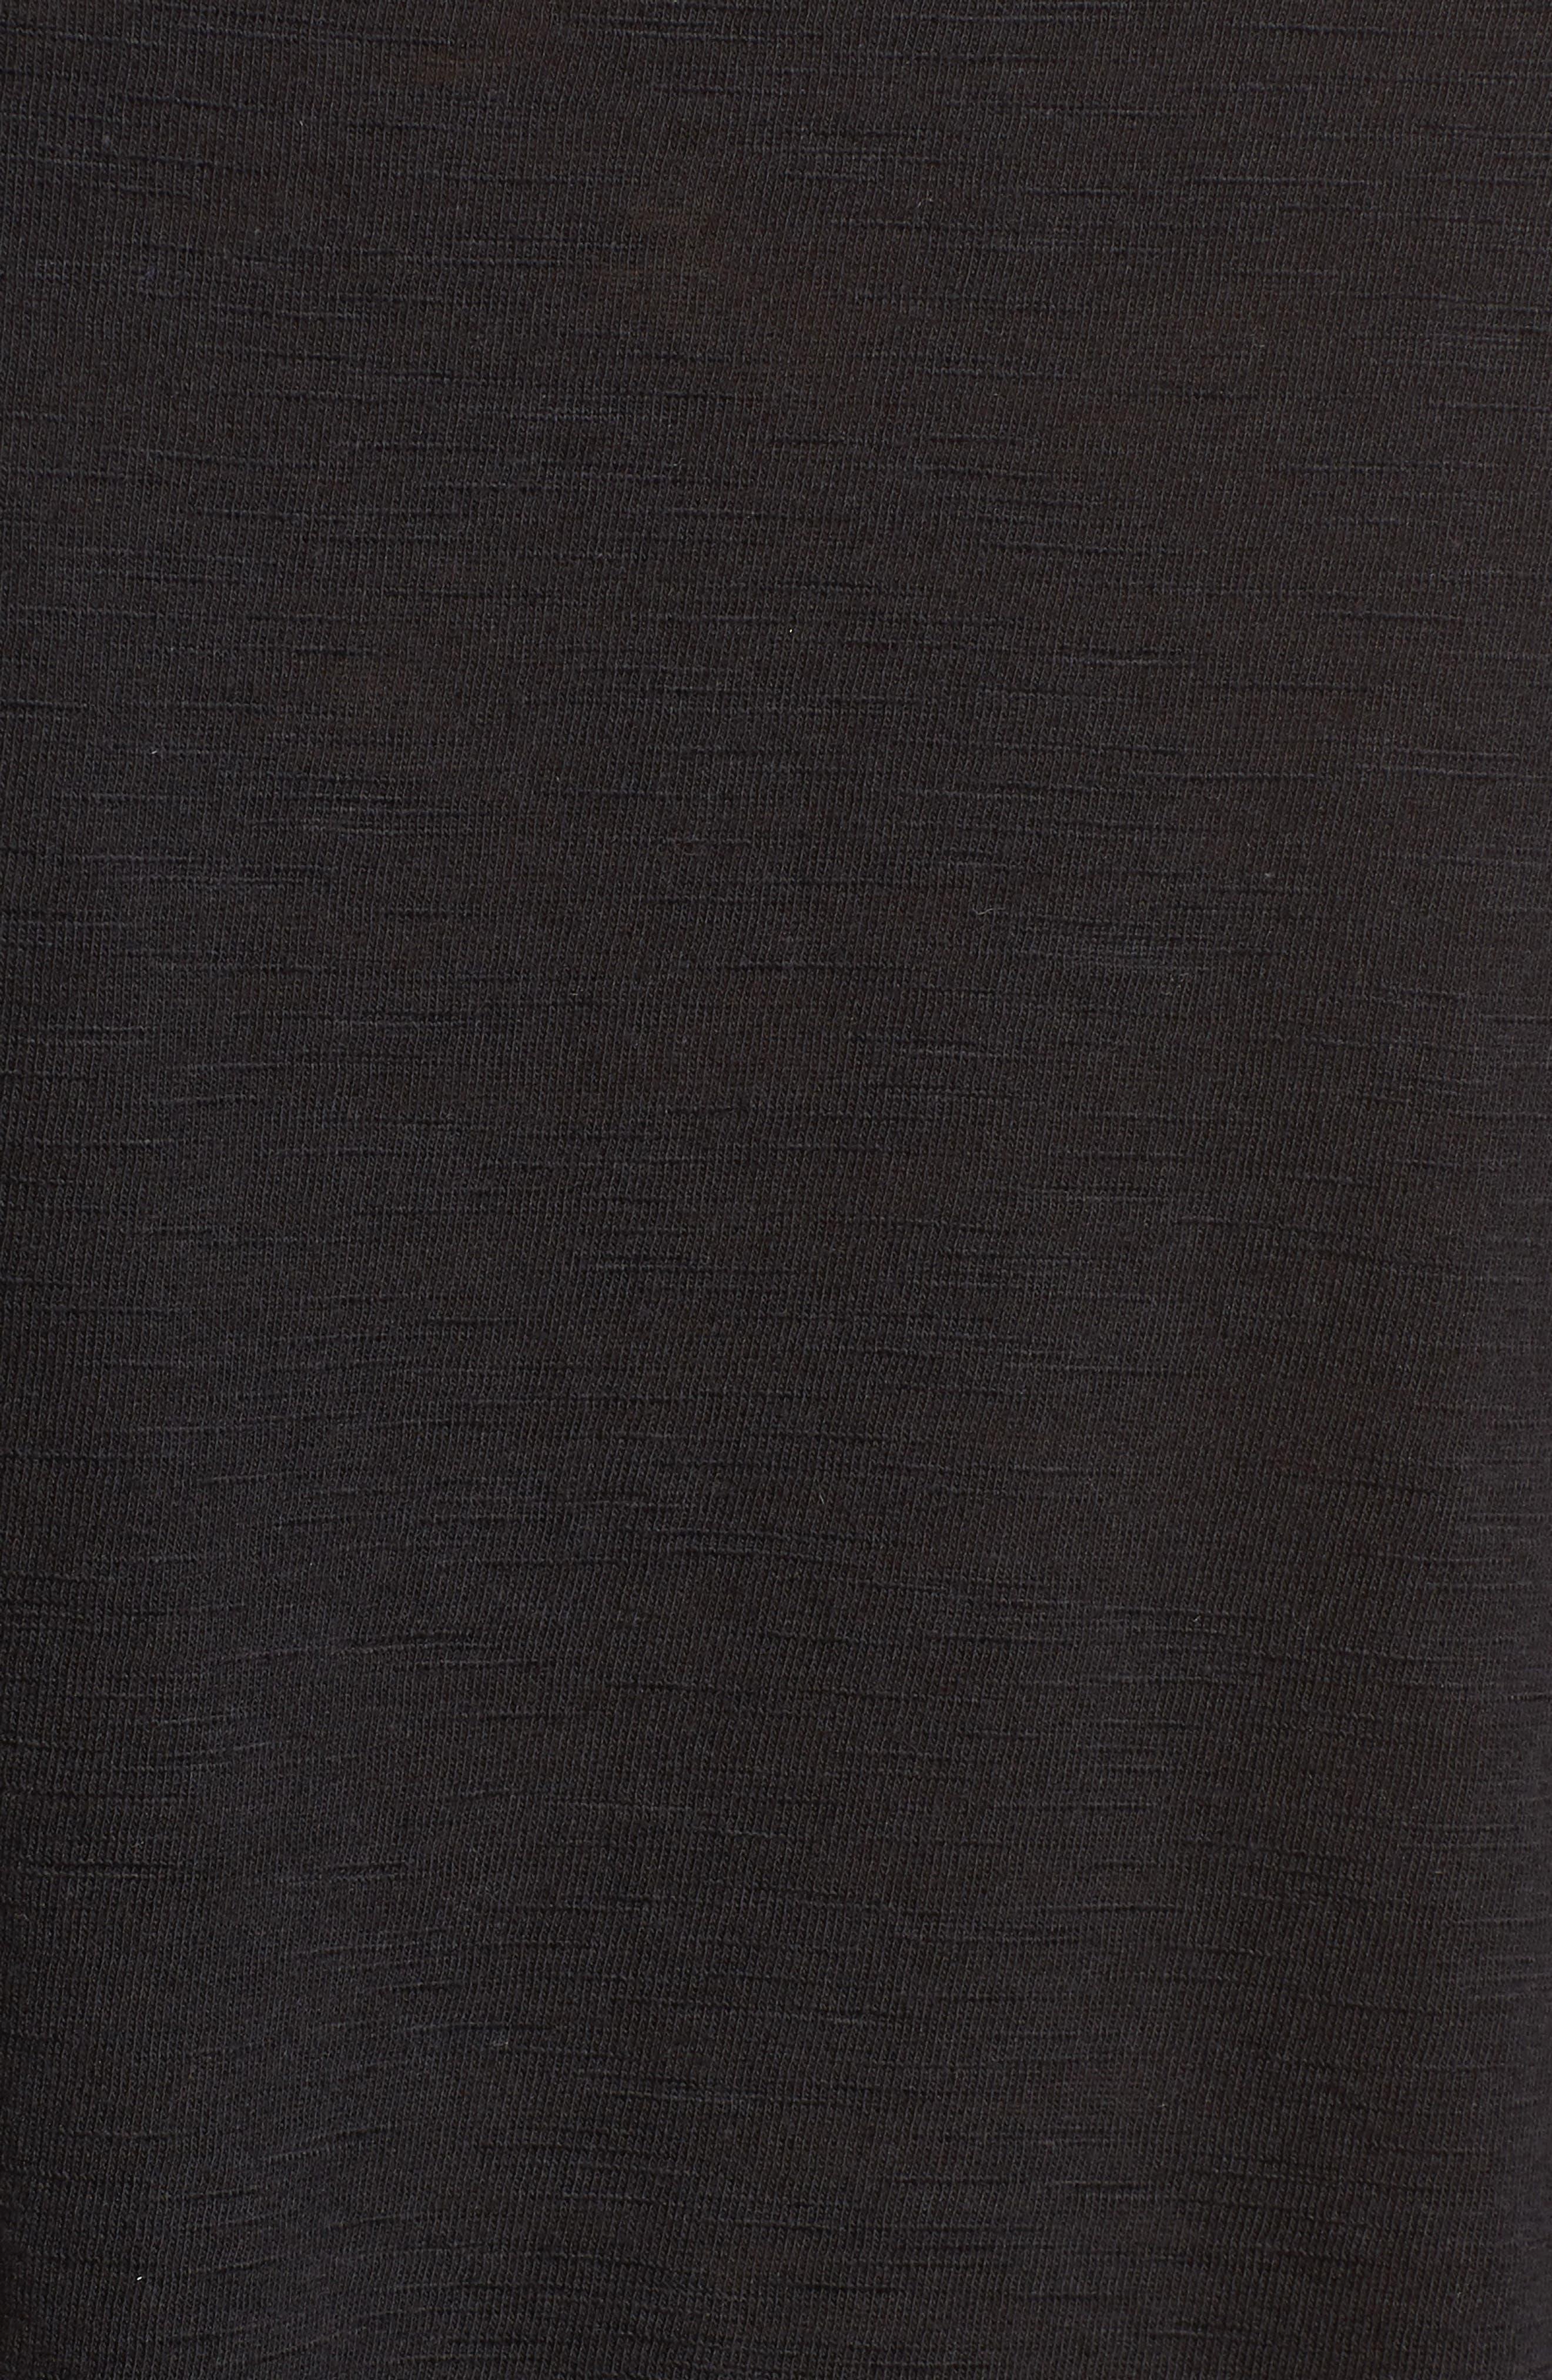 Lace Hem Tank,                             Alternate thumbnail 6, color,                             001